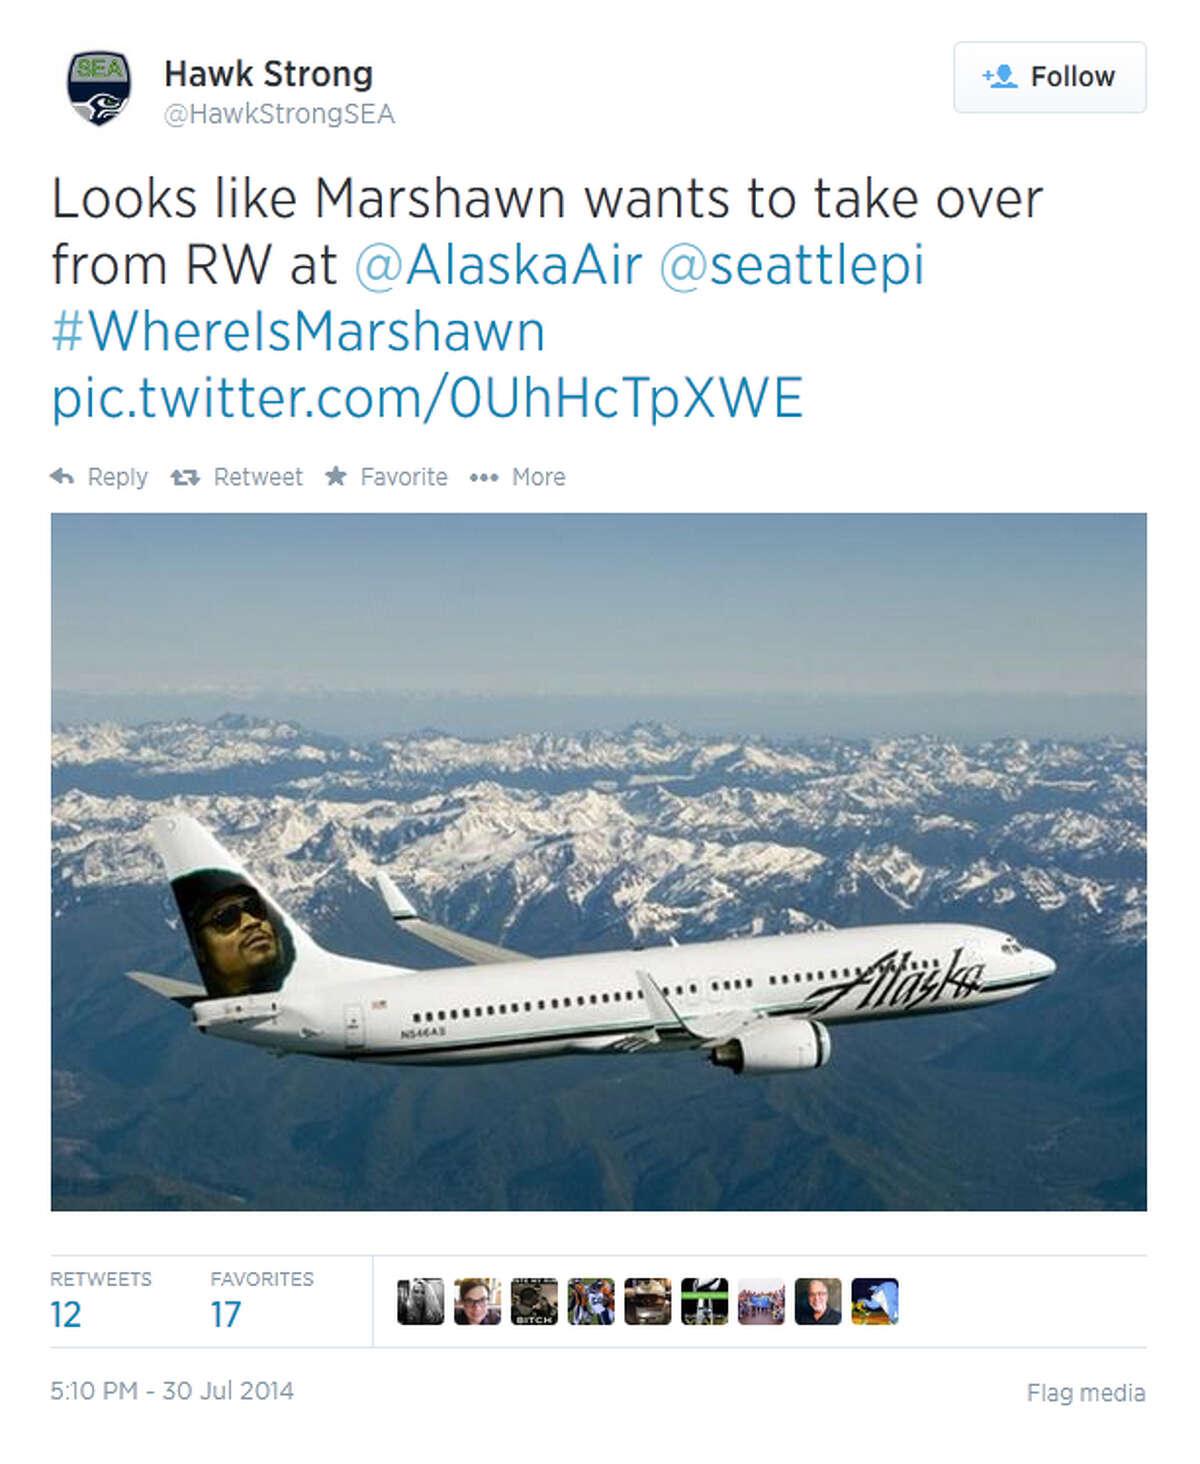 #WhereIsMarshawn